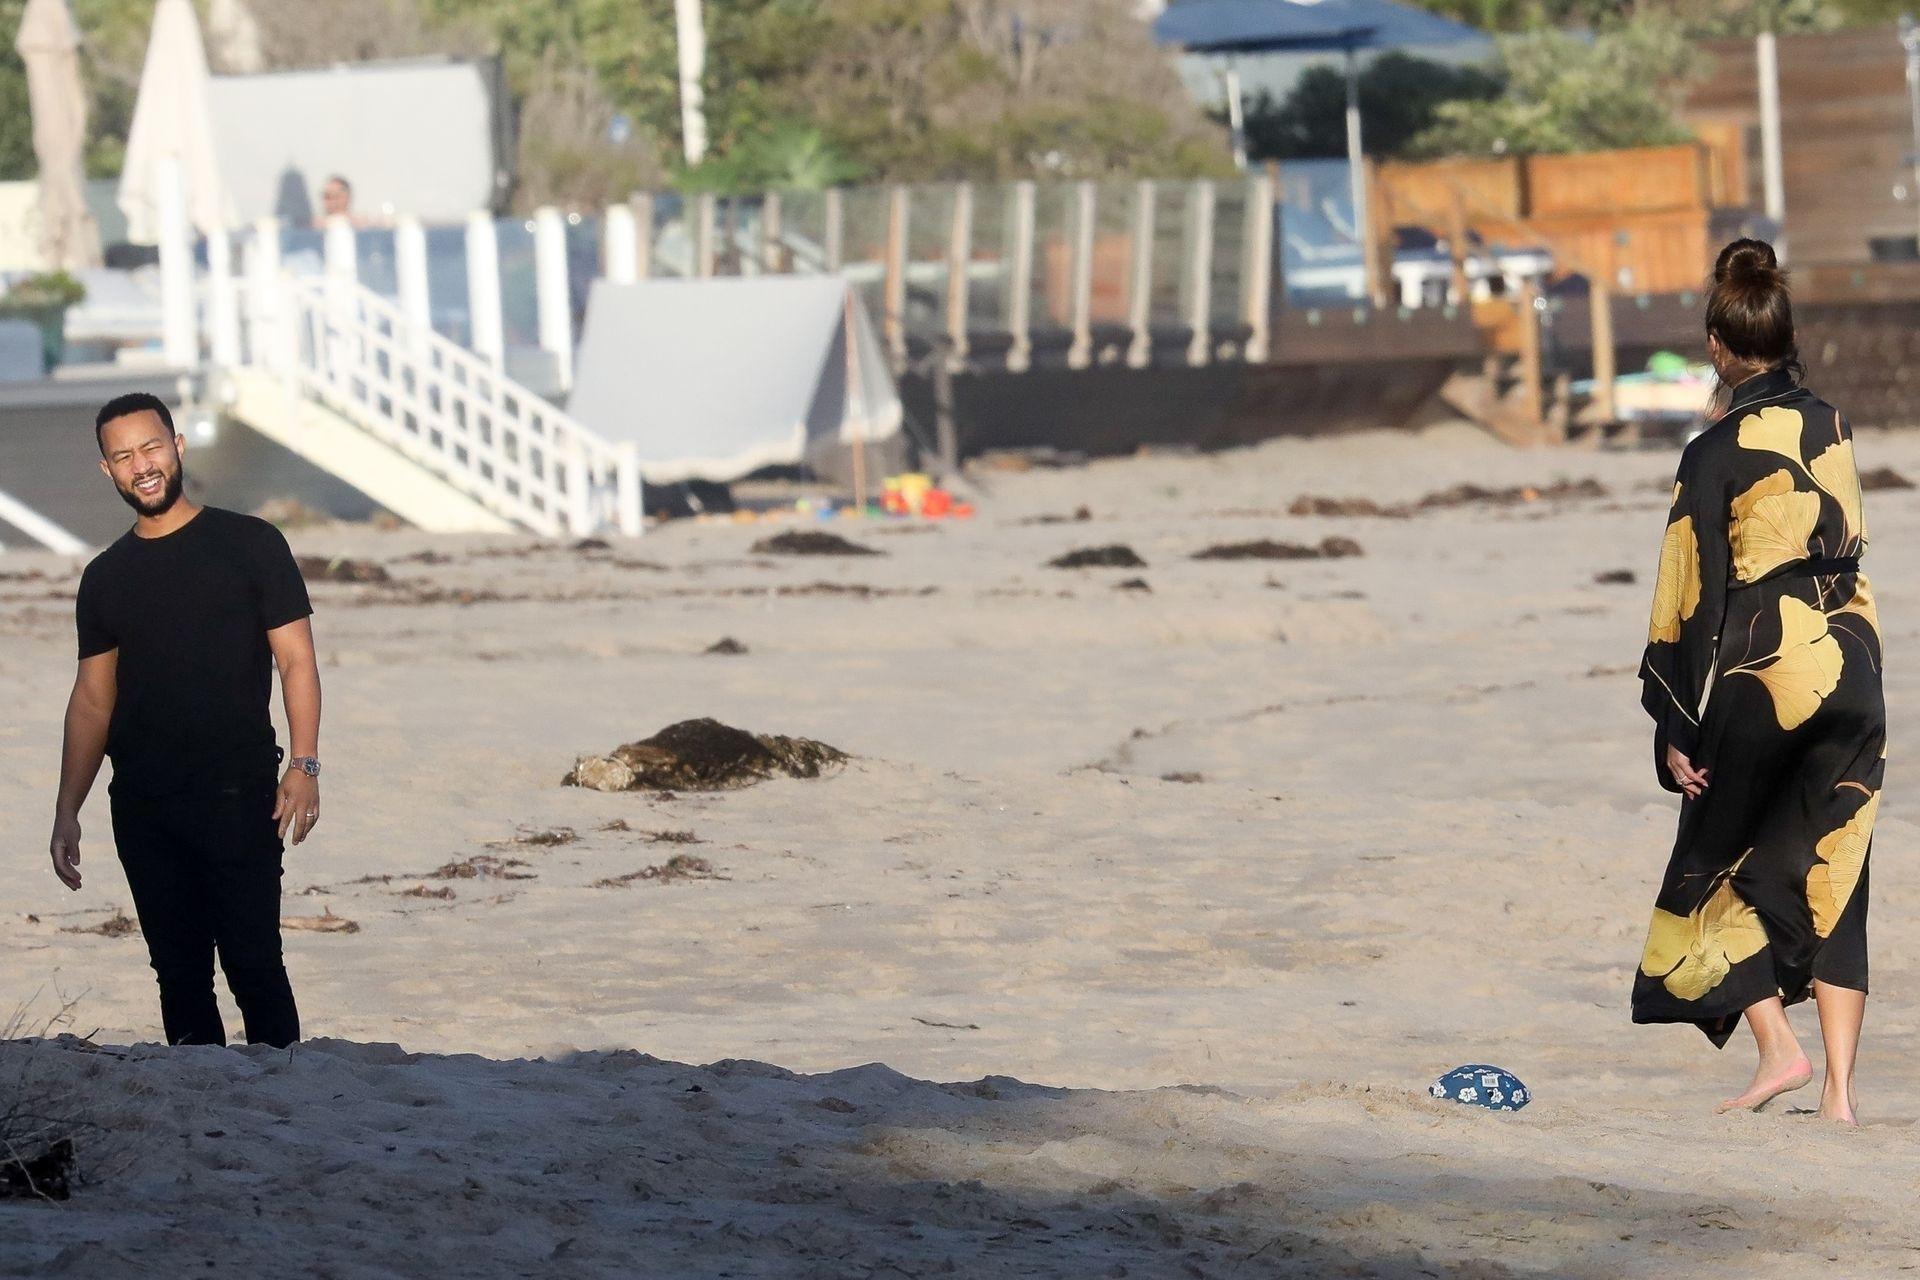 Chrissy Teigen Enjoys A Beach Day In Malibu Amid All Coronavirus Chaos 0034